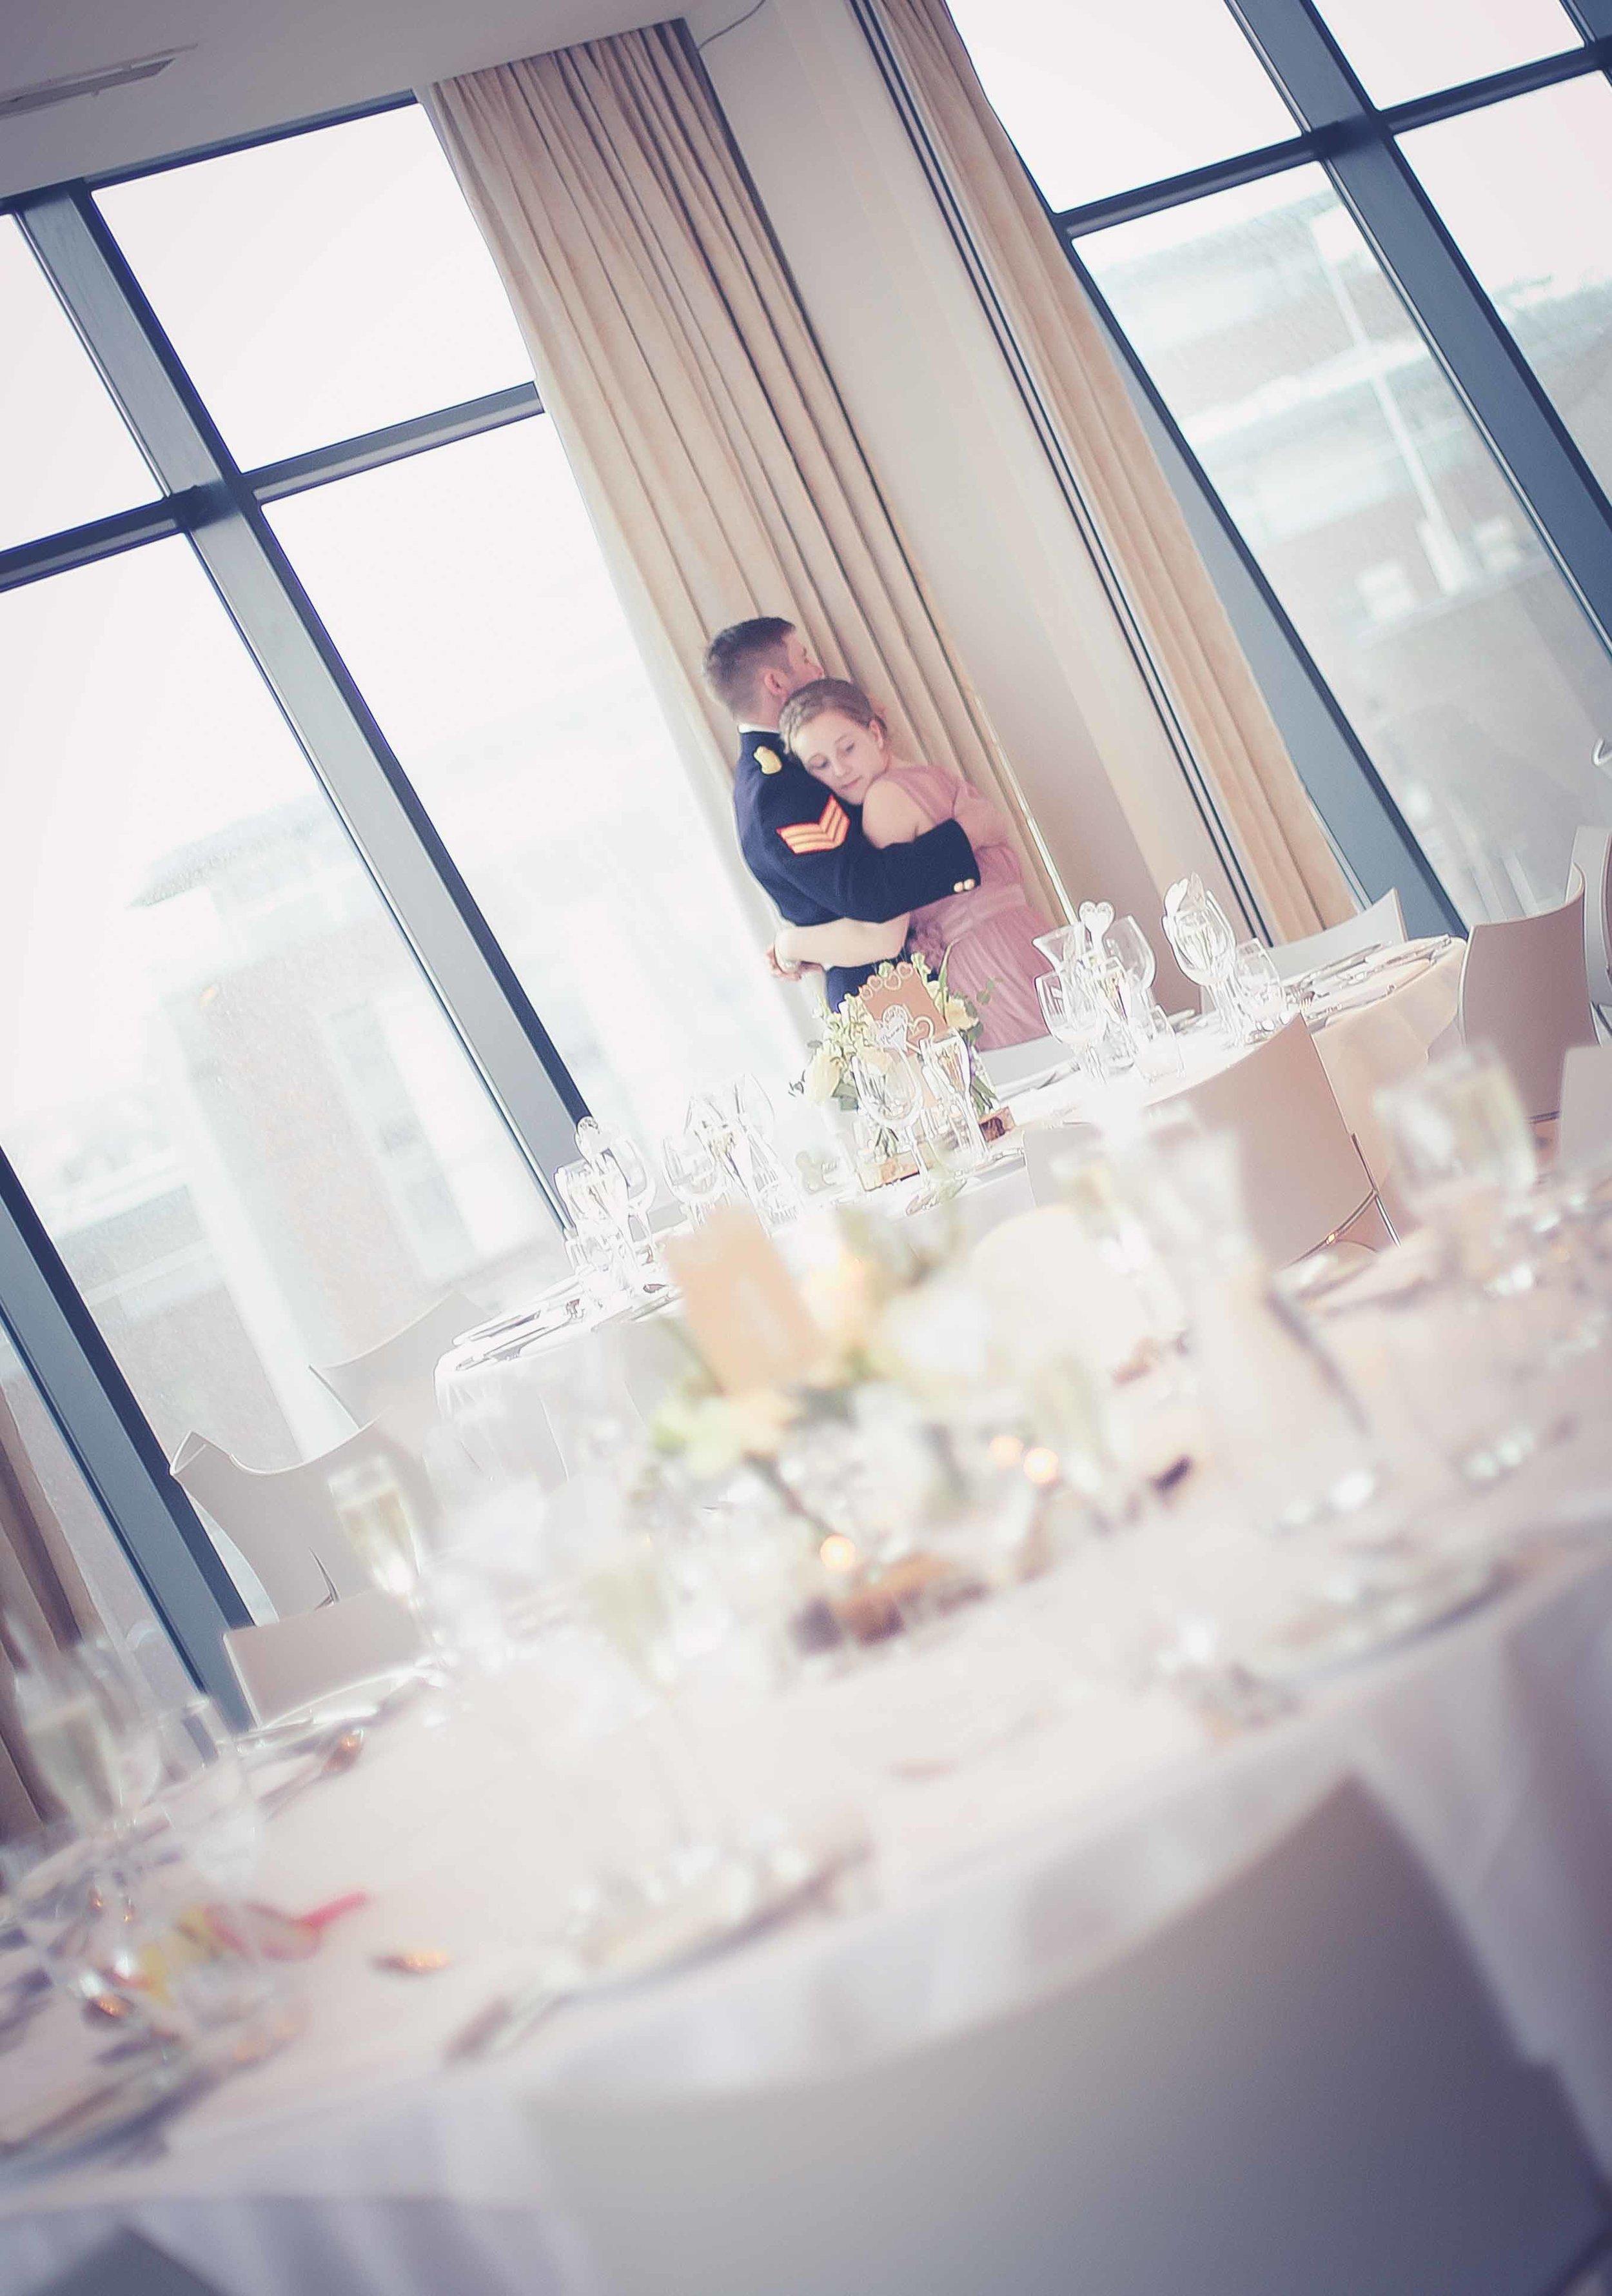 Weddings at the hope street hotel (1 of 1)-11.jpg